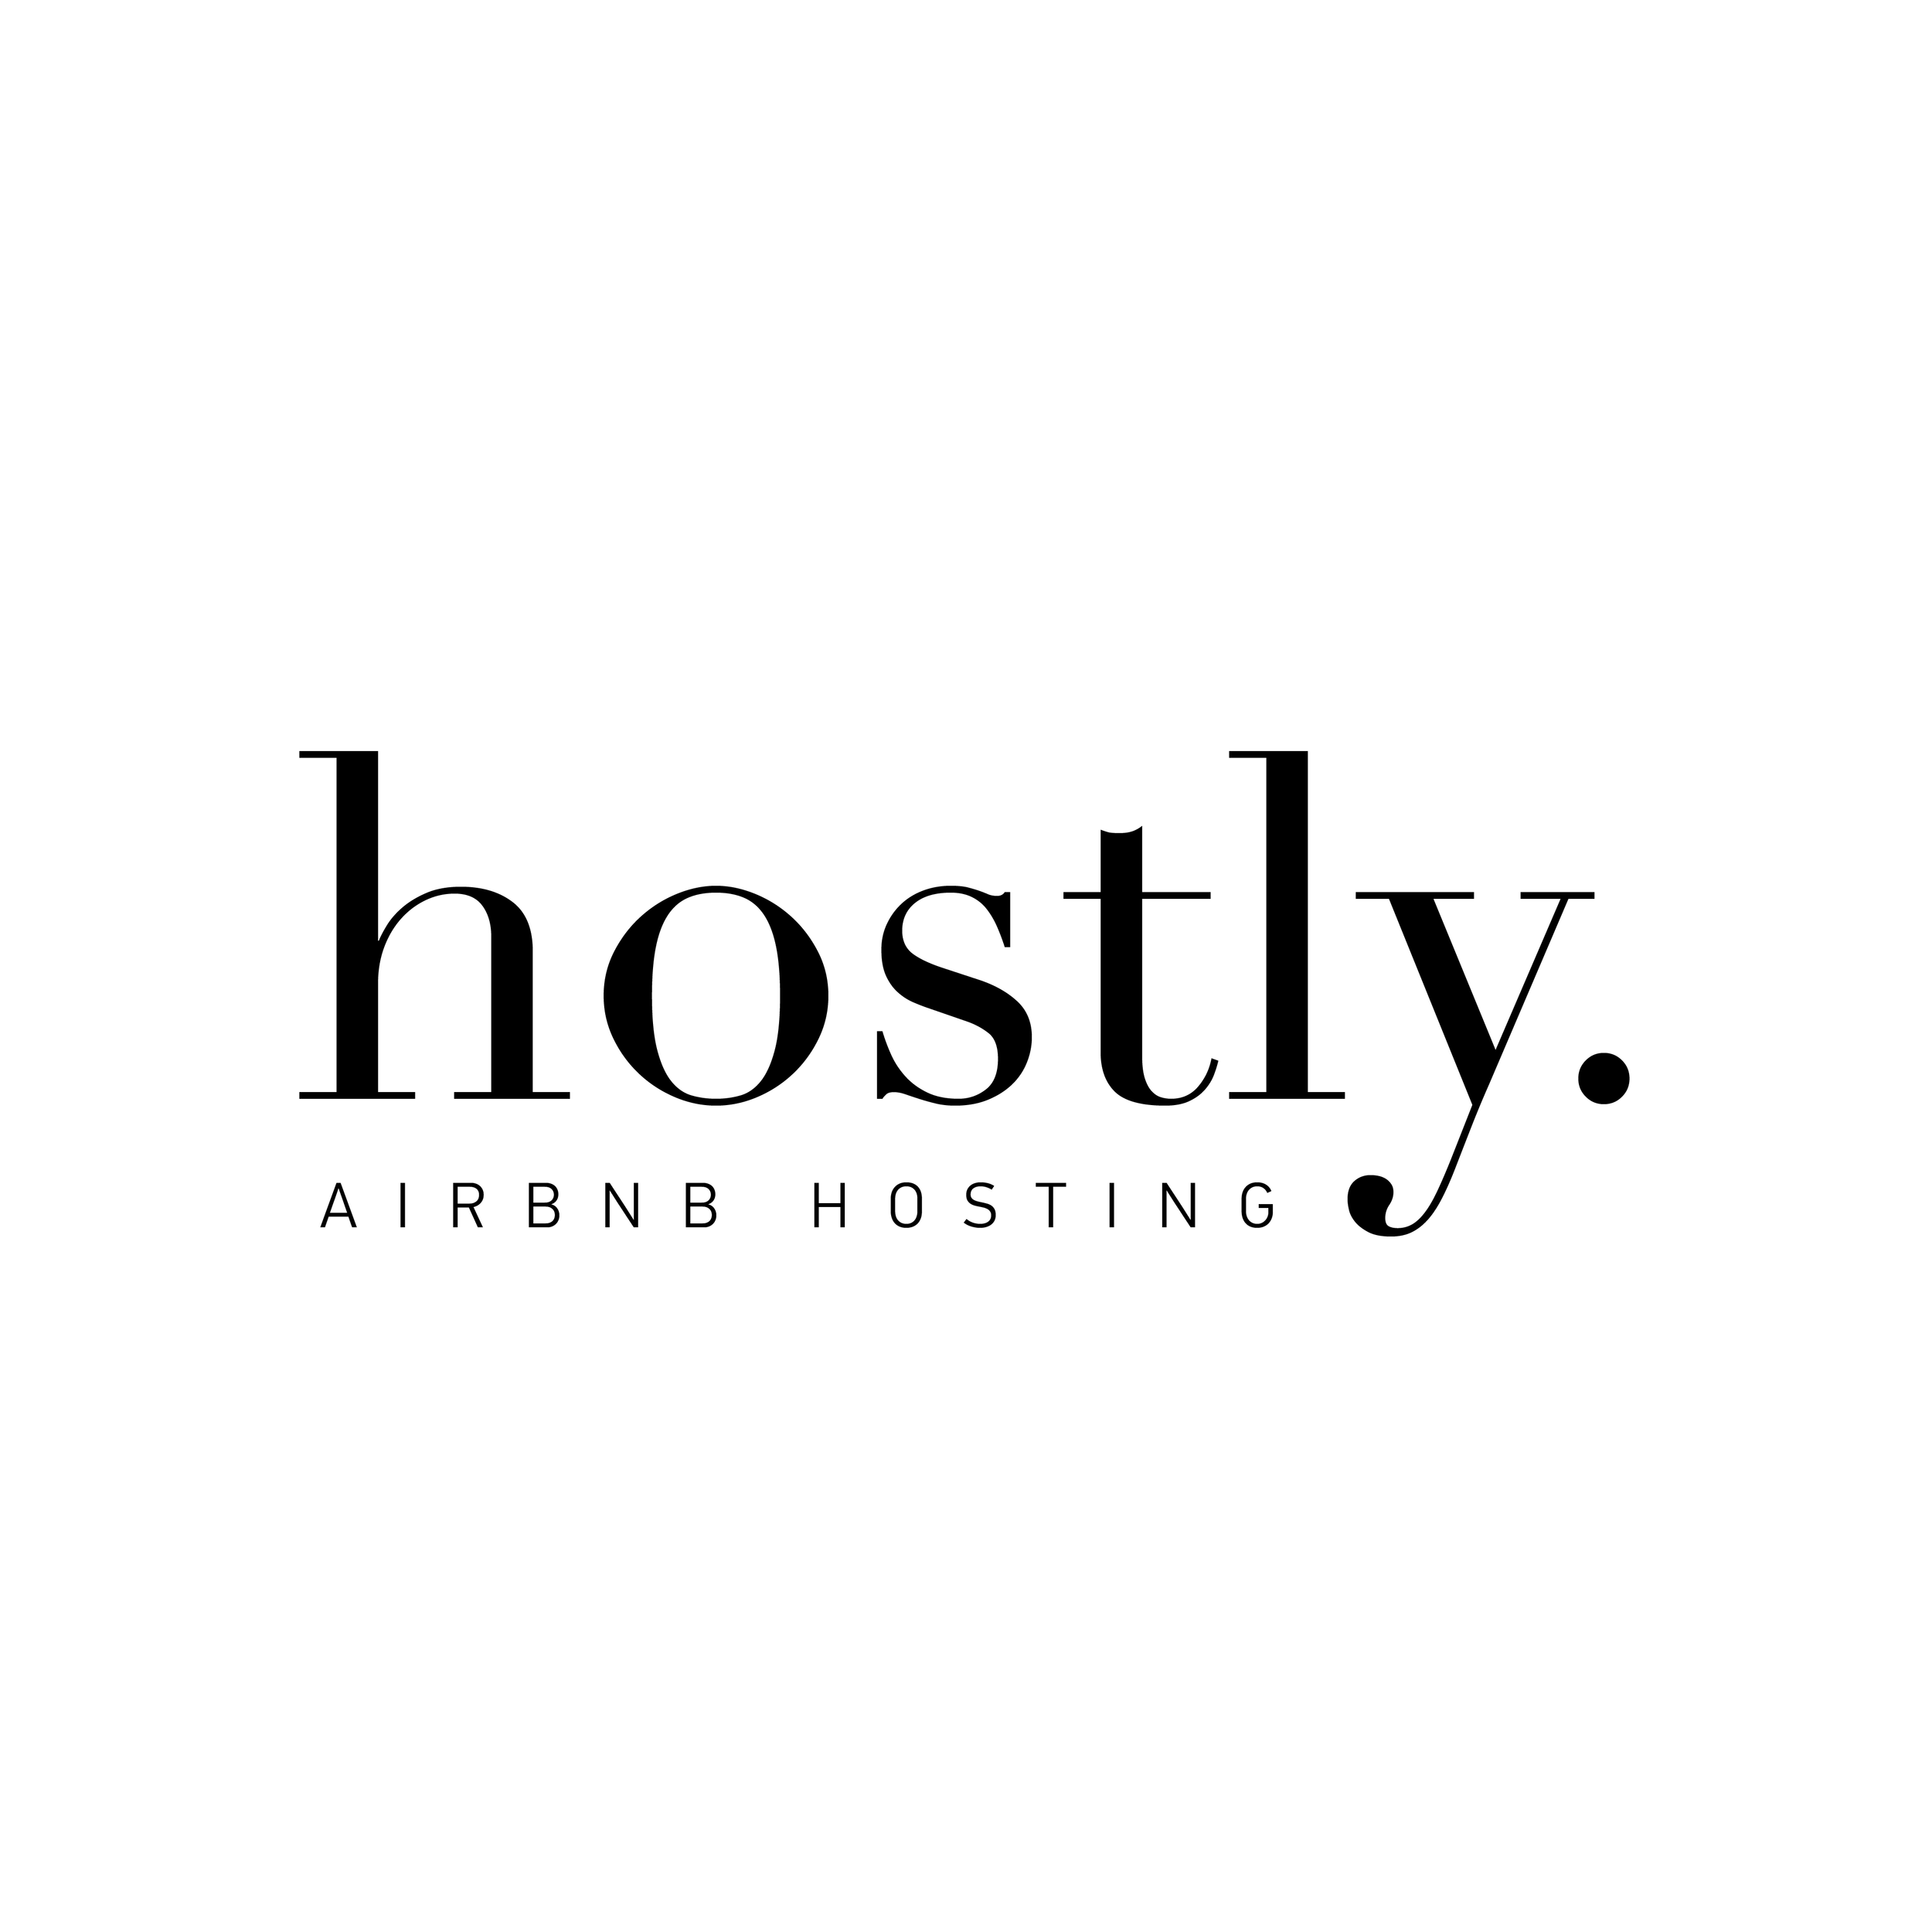 hostly.